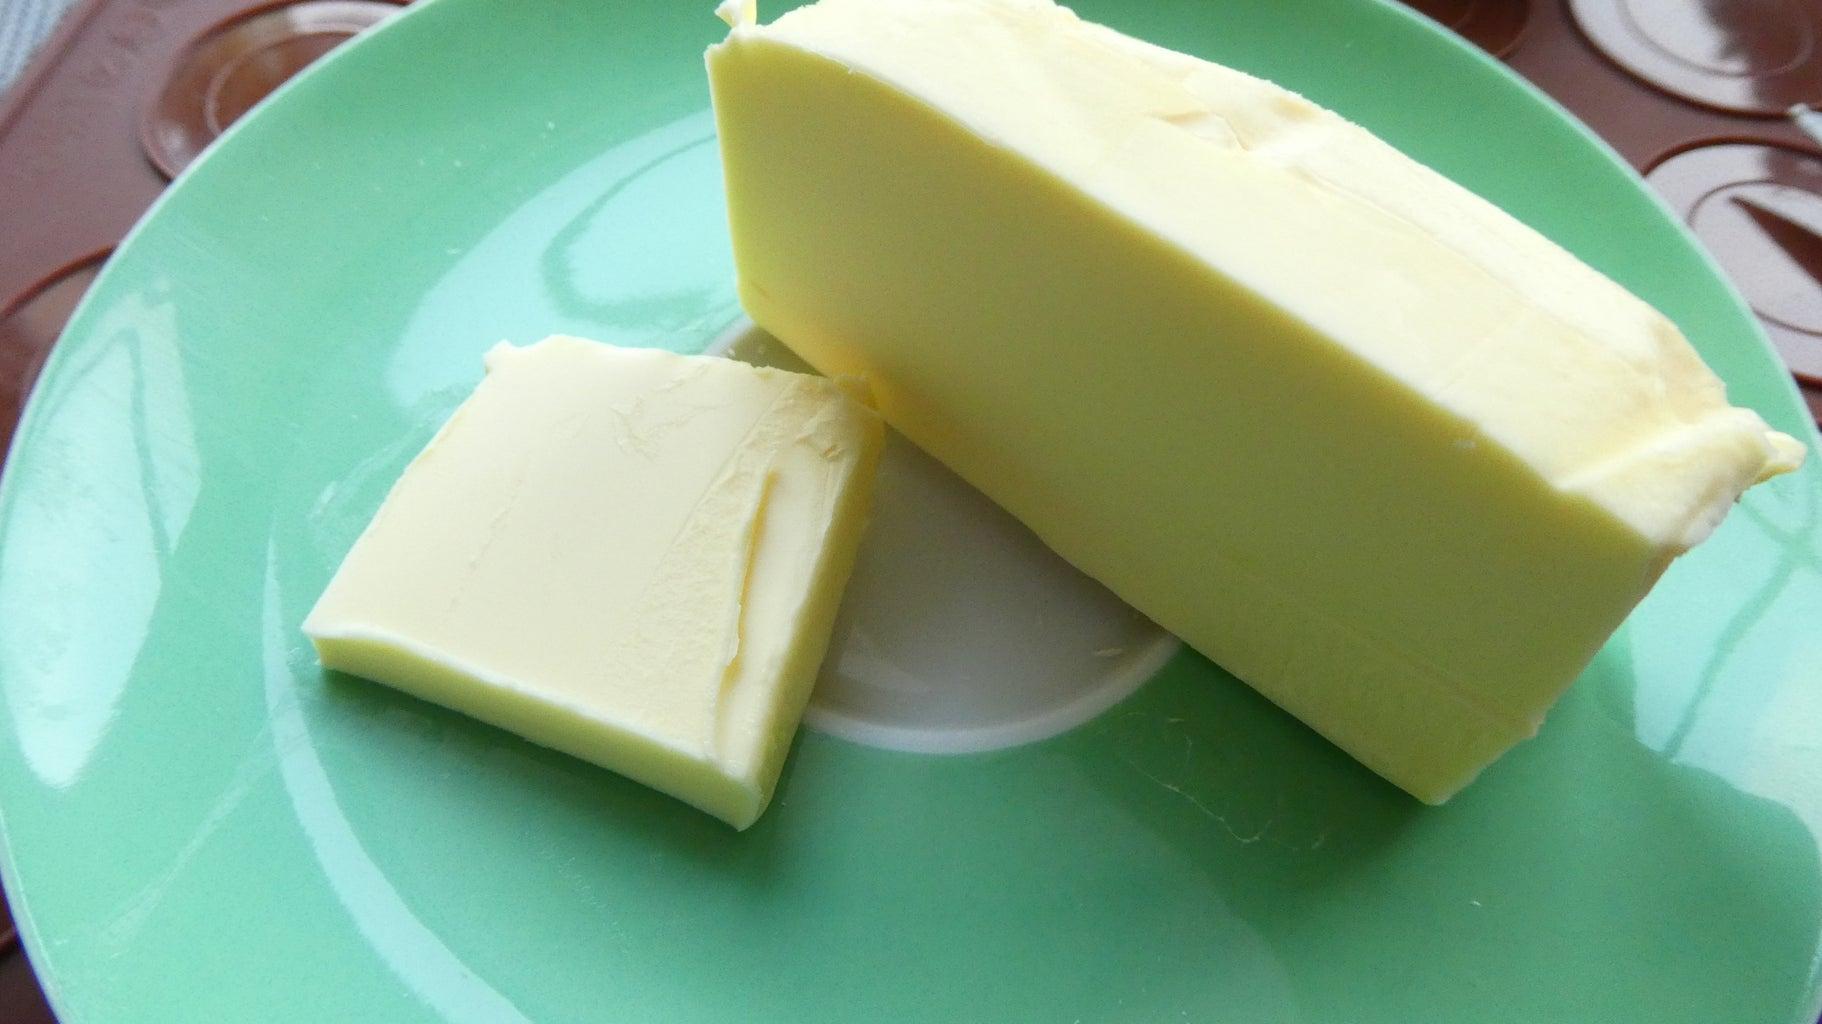 Preparing the Cream